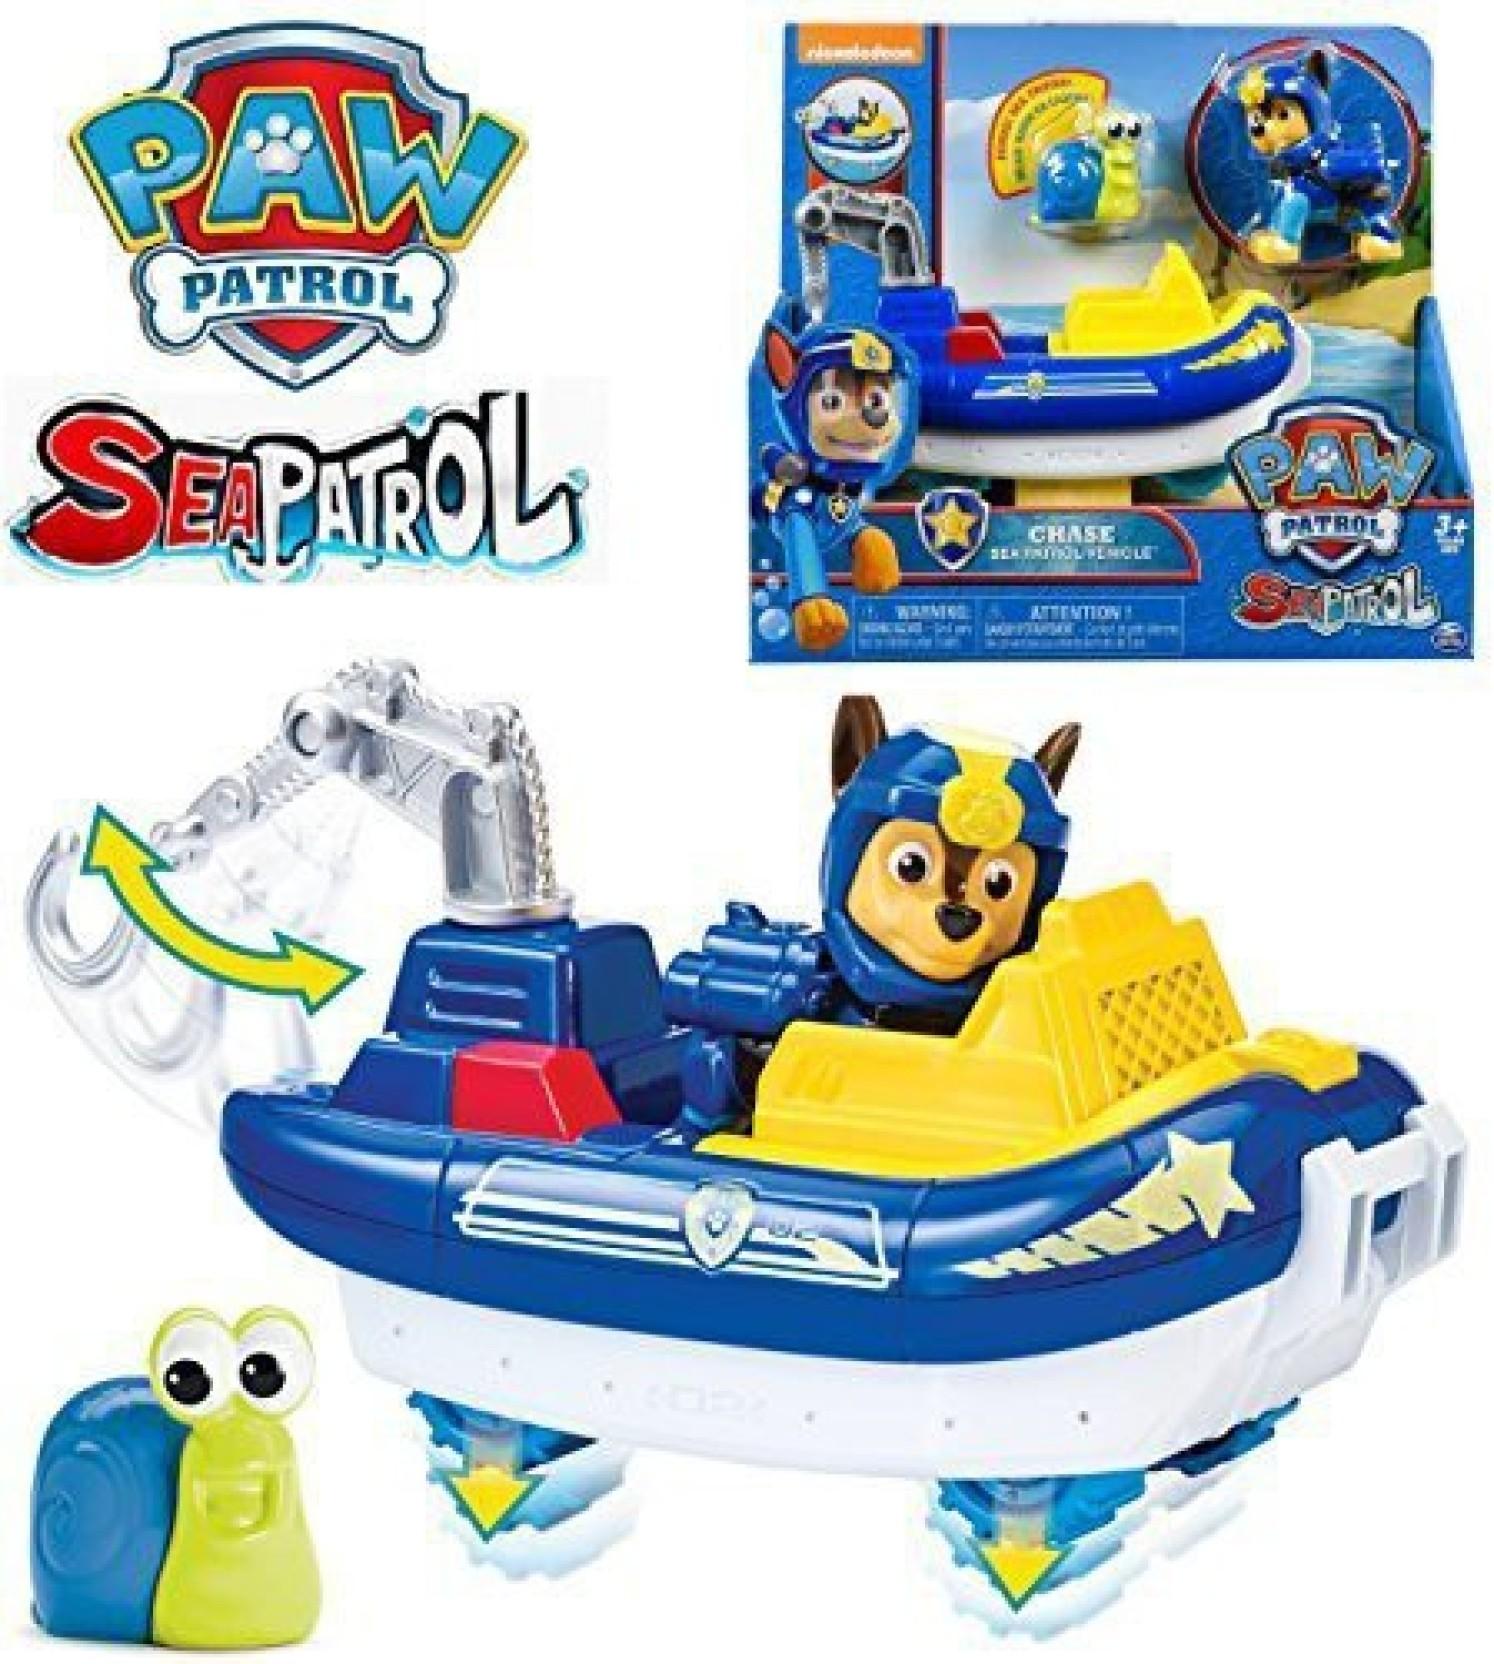 PAW Patrol Sea Patrol Chases Transforming Vehicle Bonus Sea Friend